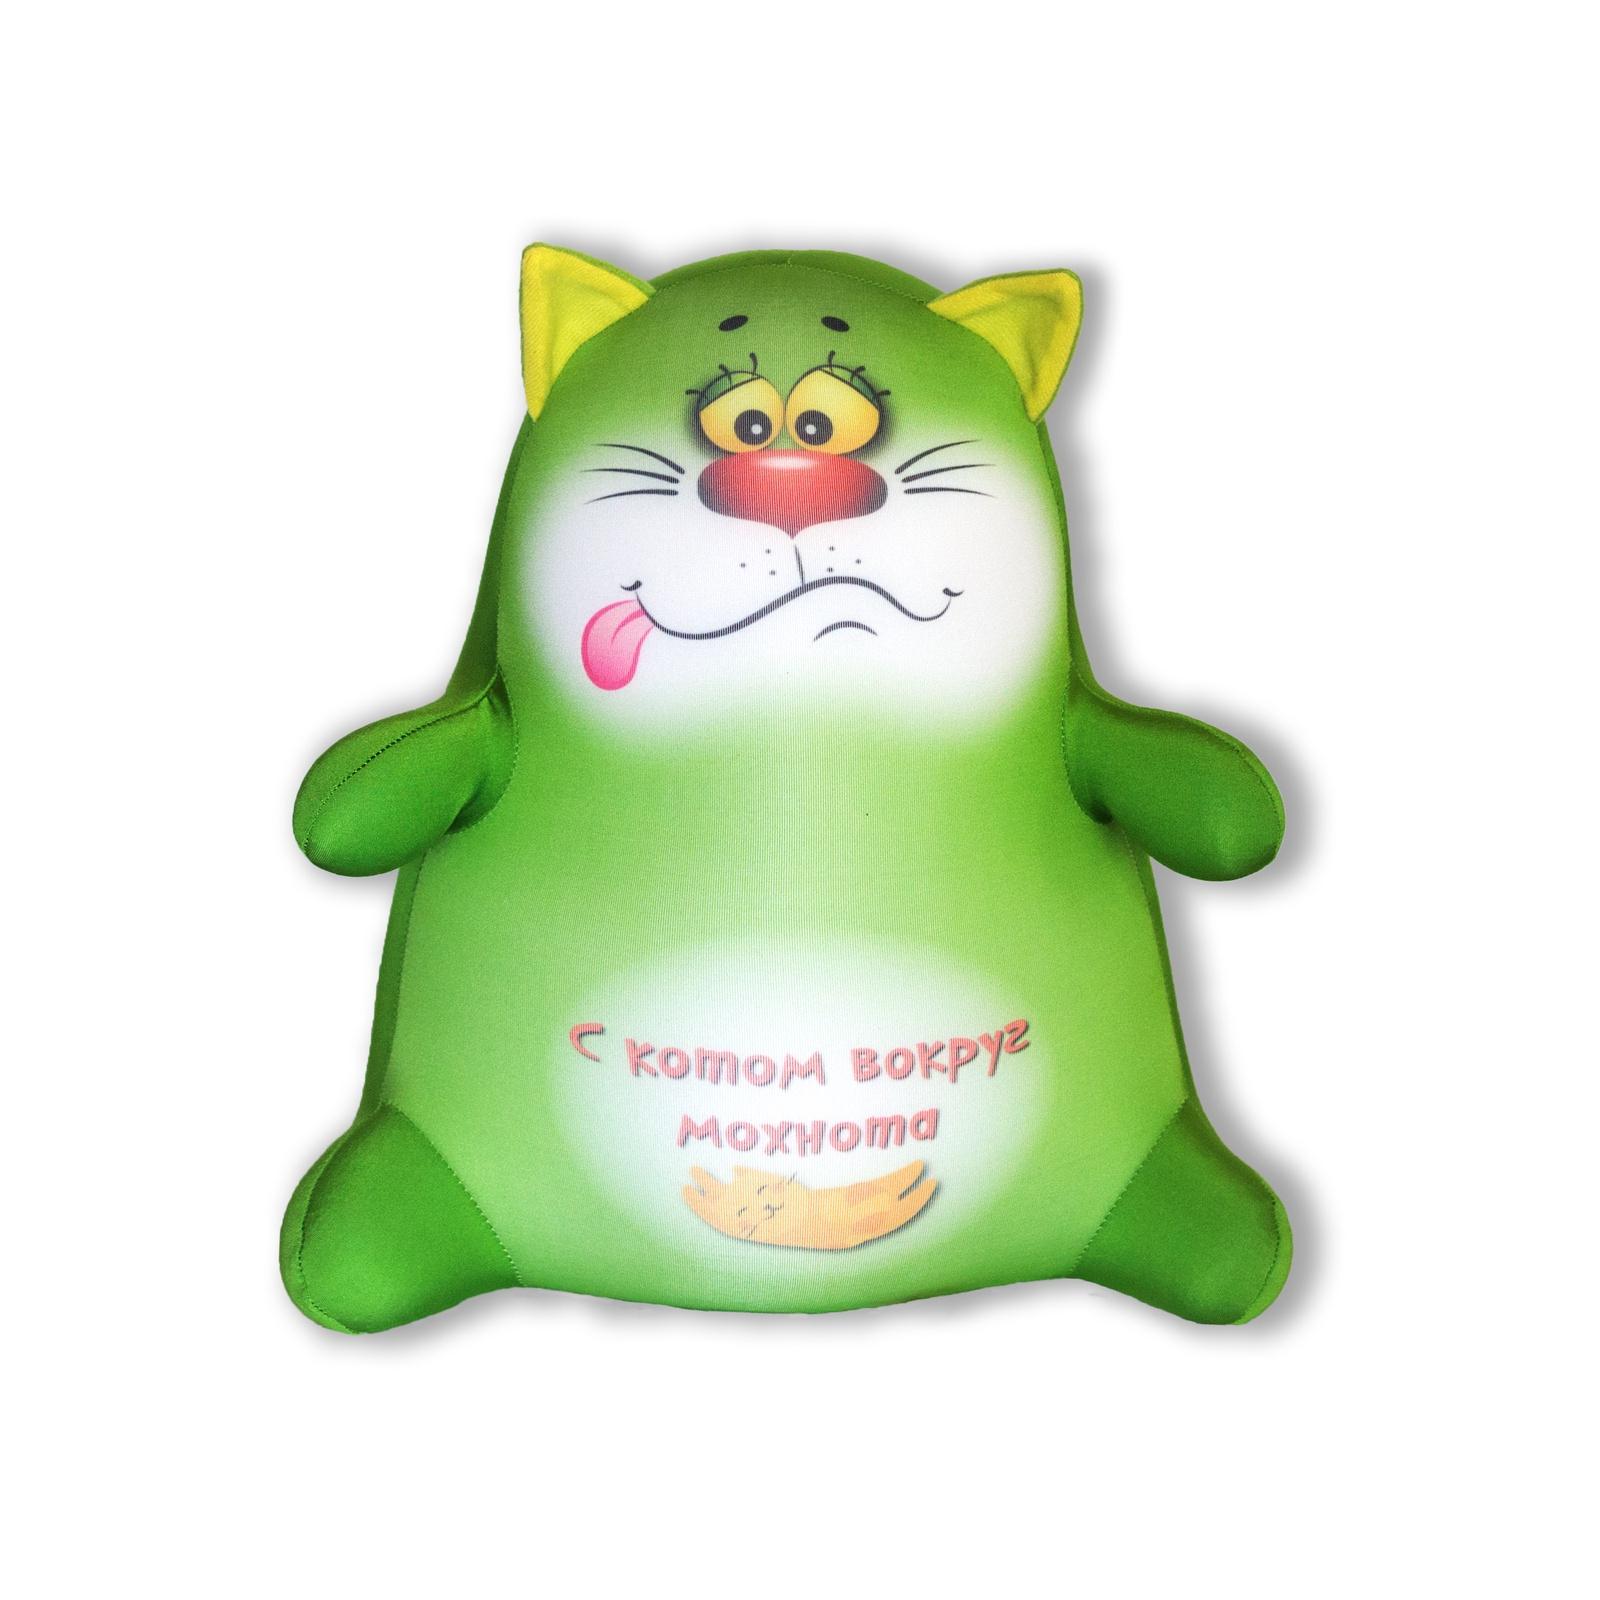 Подушка-игрушка Штучки, к которым тянутся ручки антистресс Котики Обормотики, зеленый, зеленый